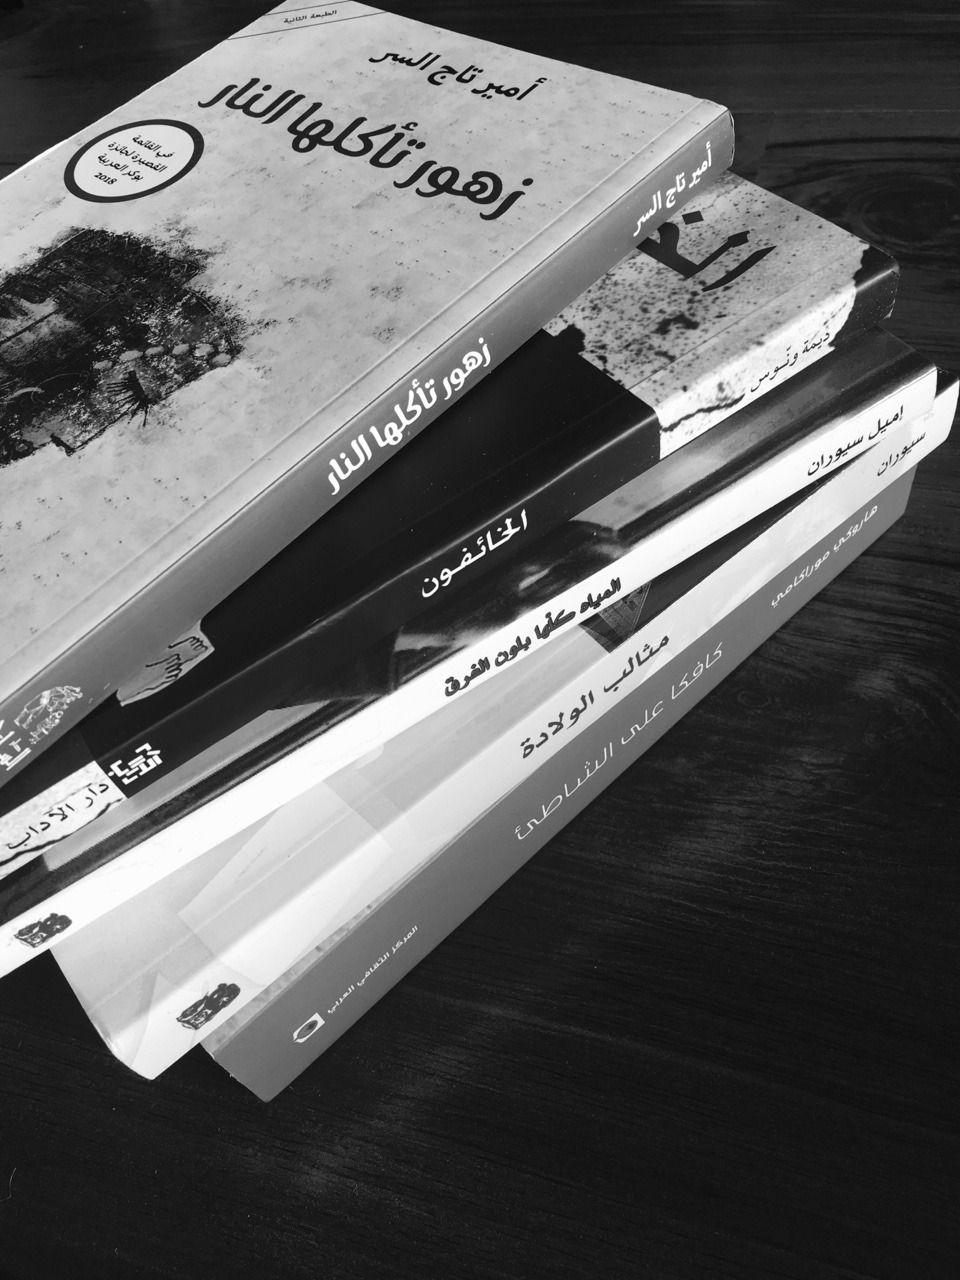 زهور تأكلها النار أمير تاج السر الخائفون ديمة ونوس المياه كلها بلون الغرق إميل سيوران مثالب الولادة إميل سيوران Book Lovers Books To Read Books